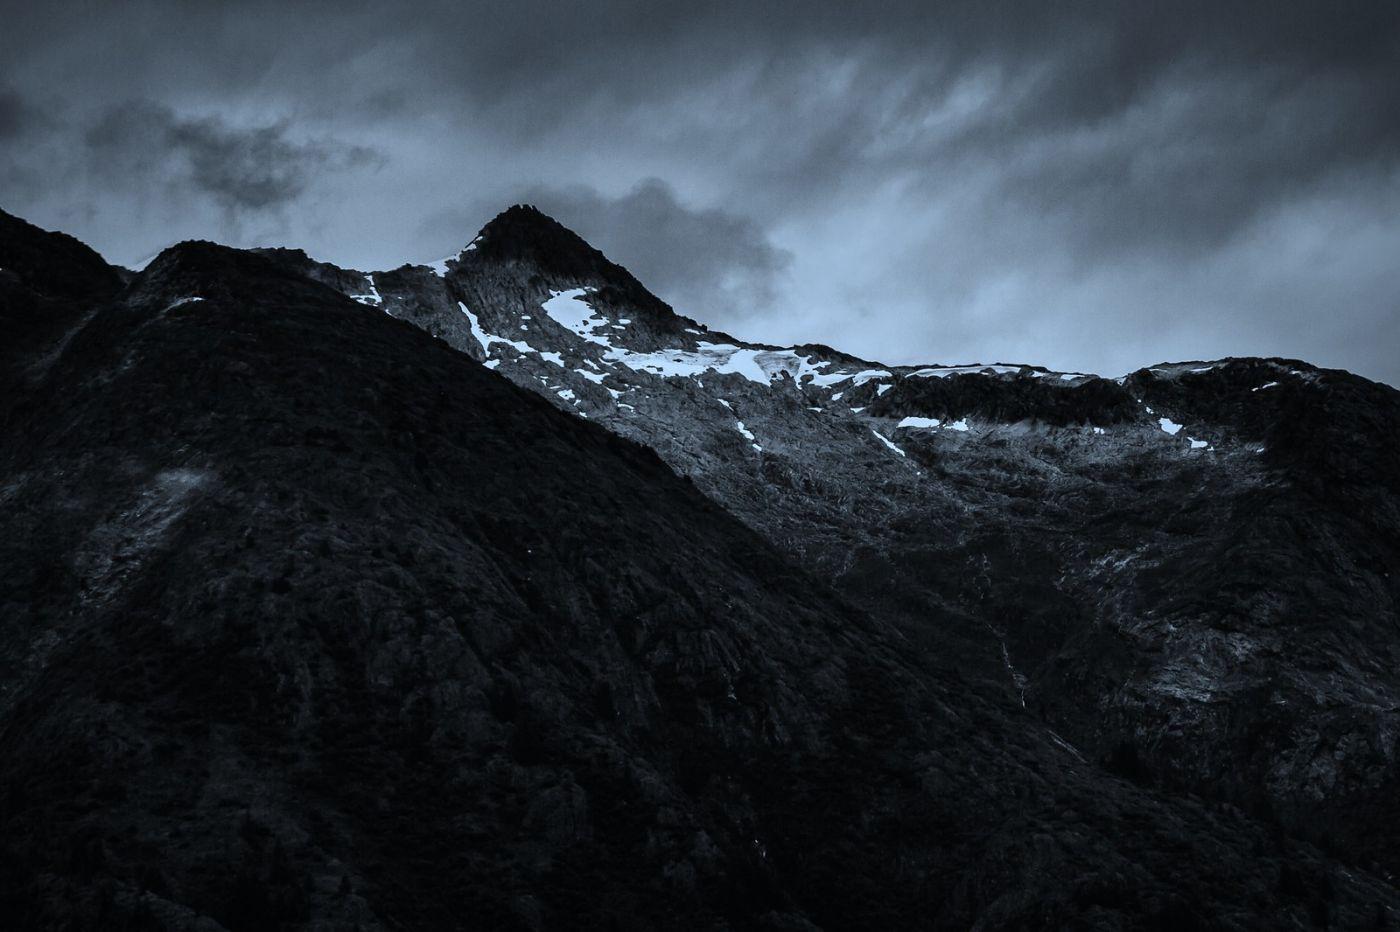 阿拉斯加,高处不胜寒_图1-12